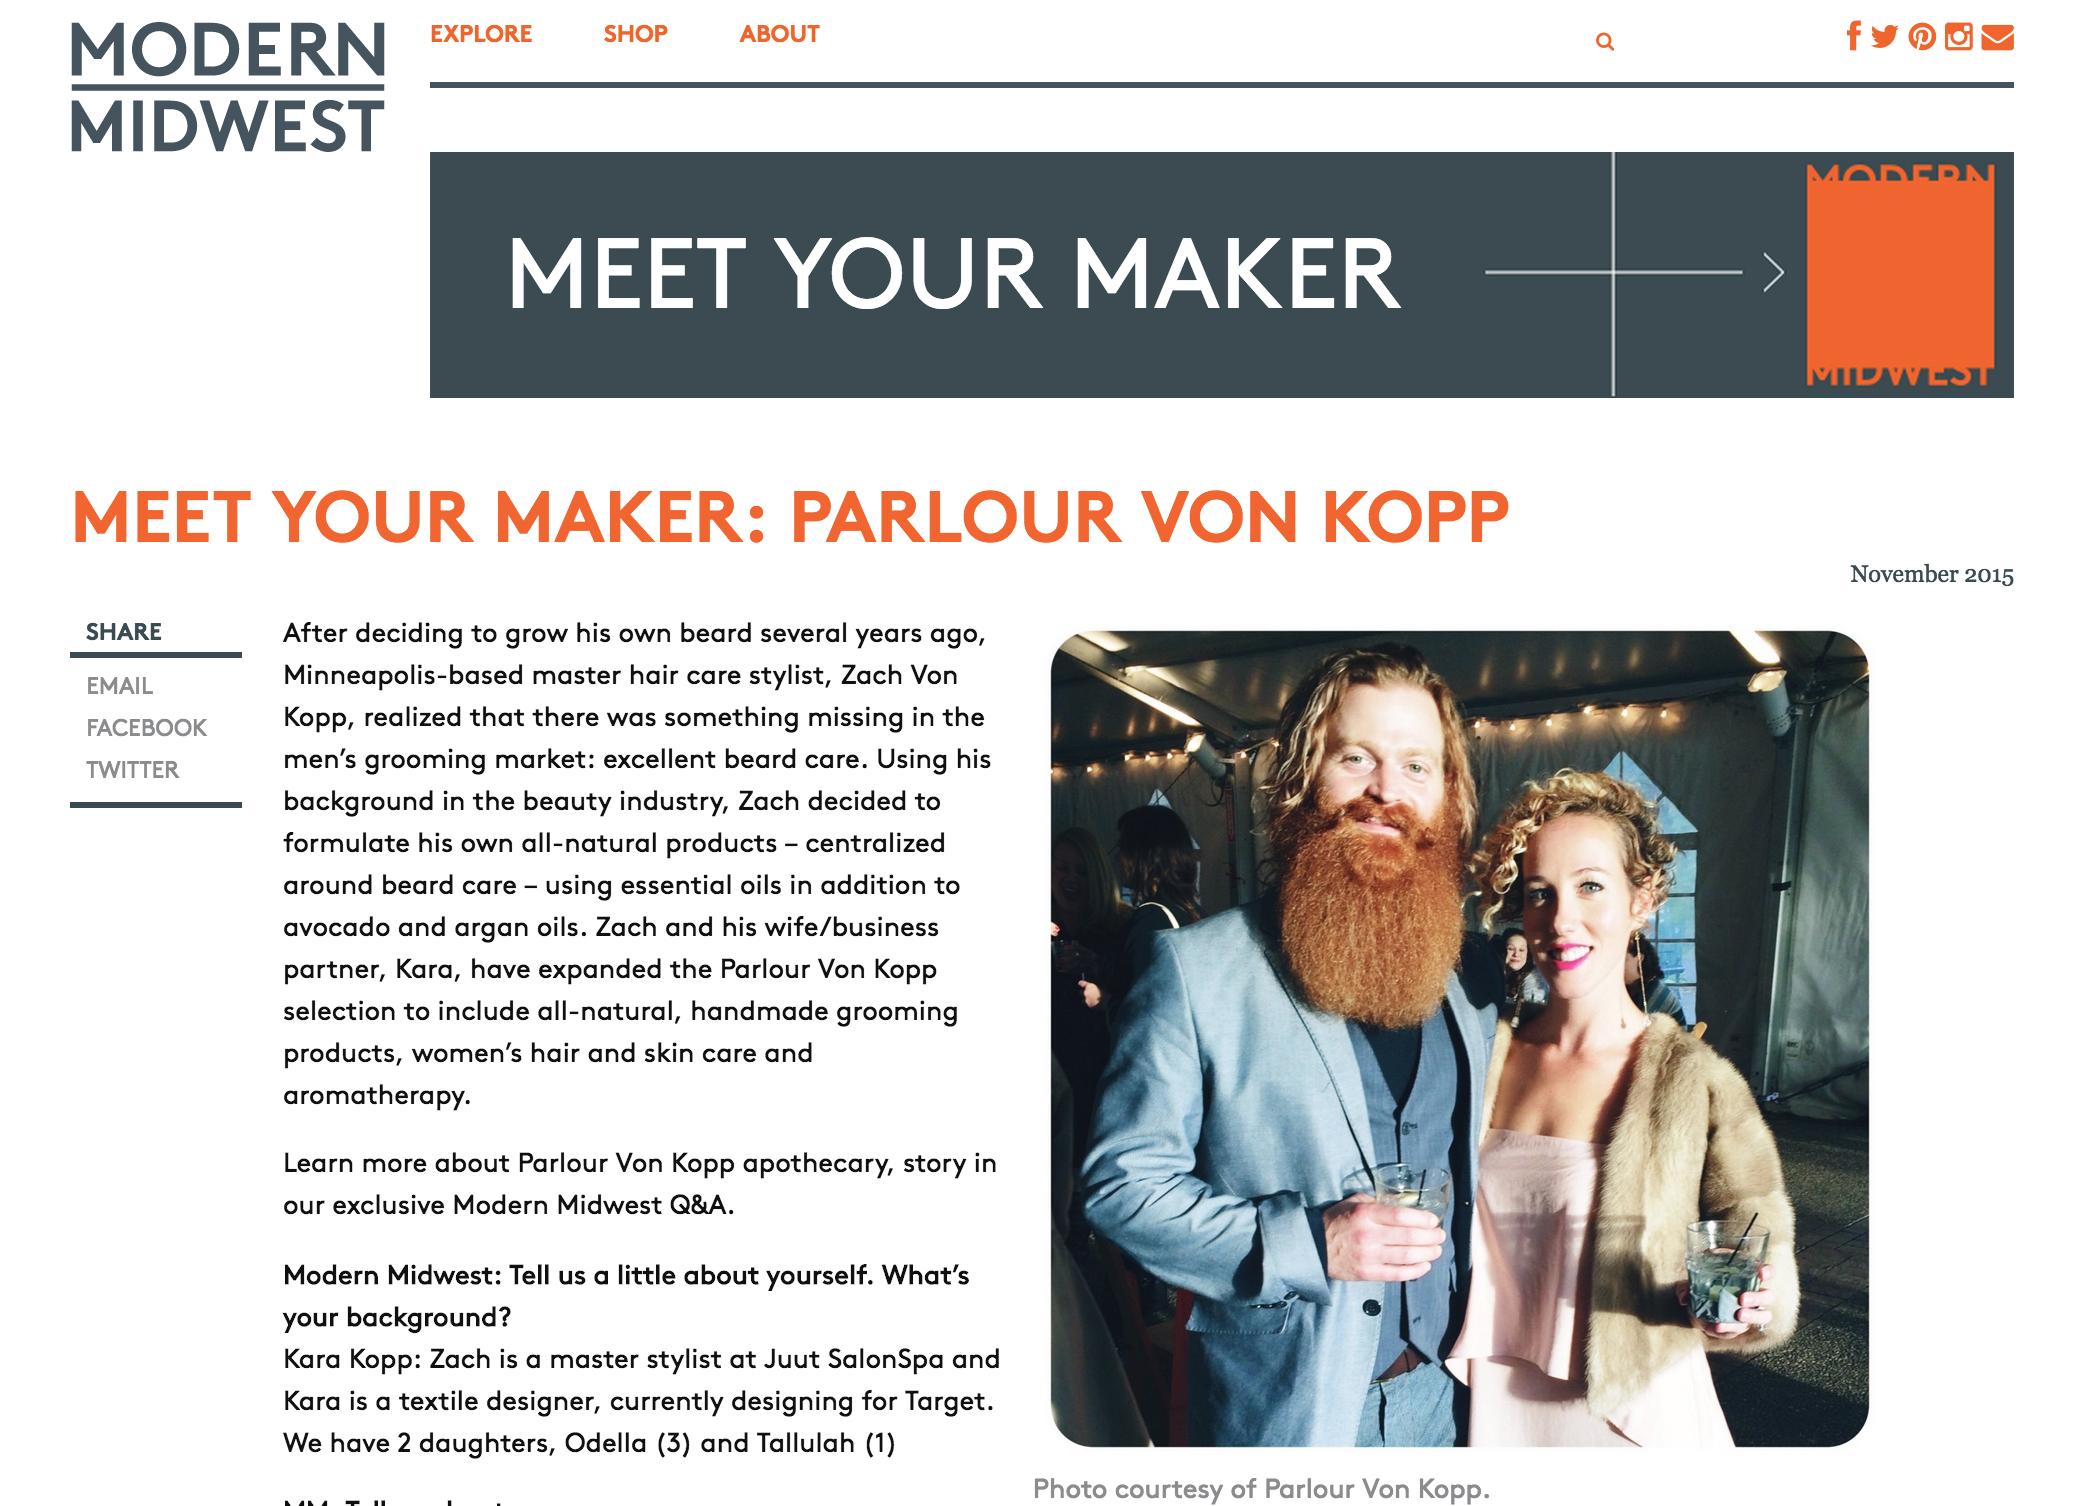 Parlour Von Kopp Meet Your Maker Modern Midwest